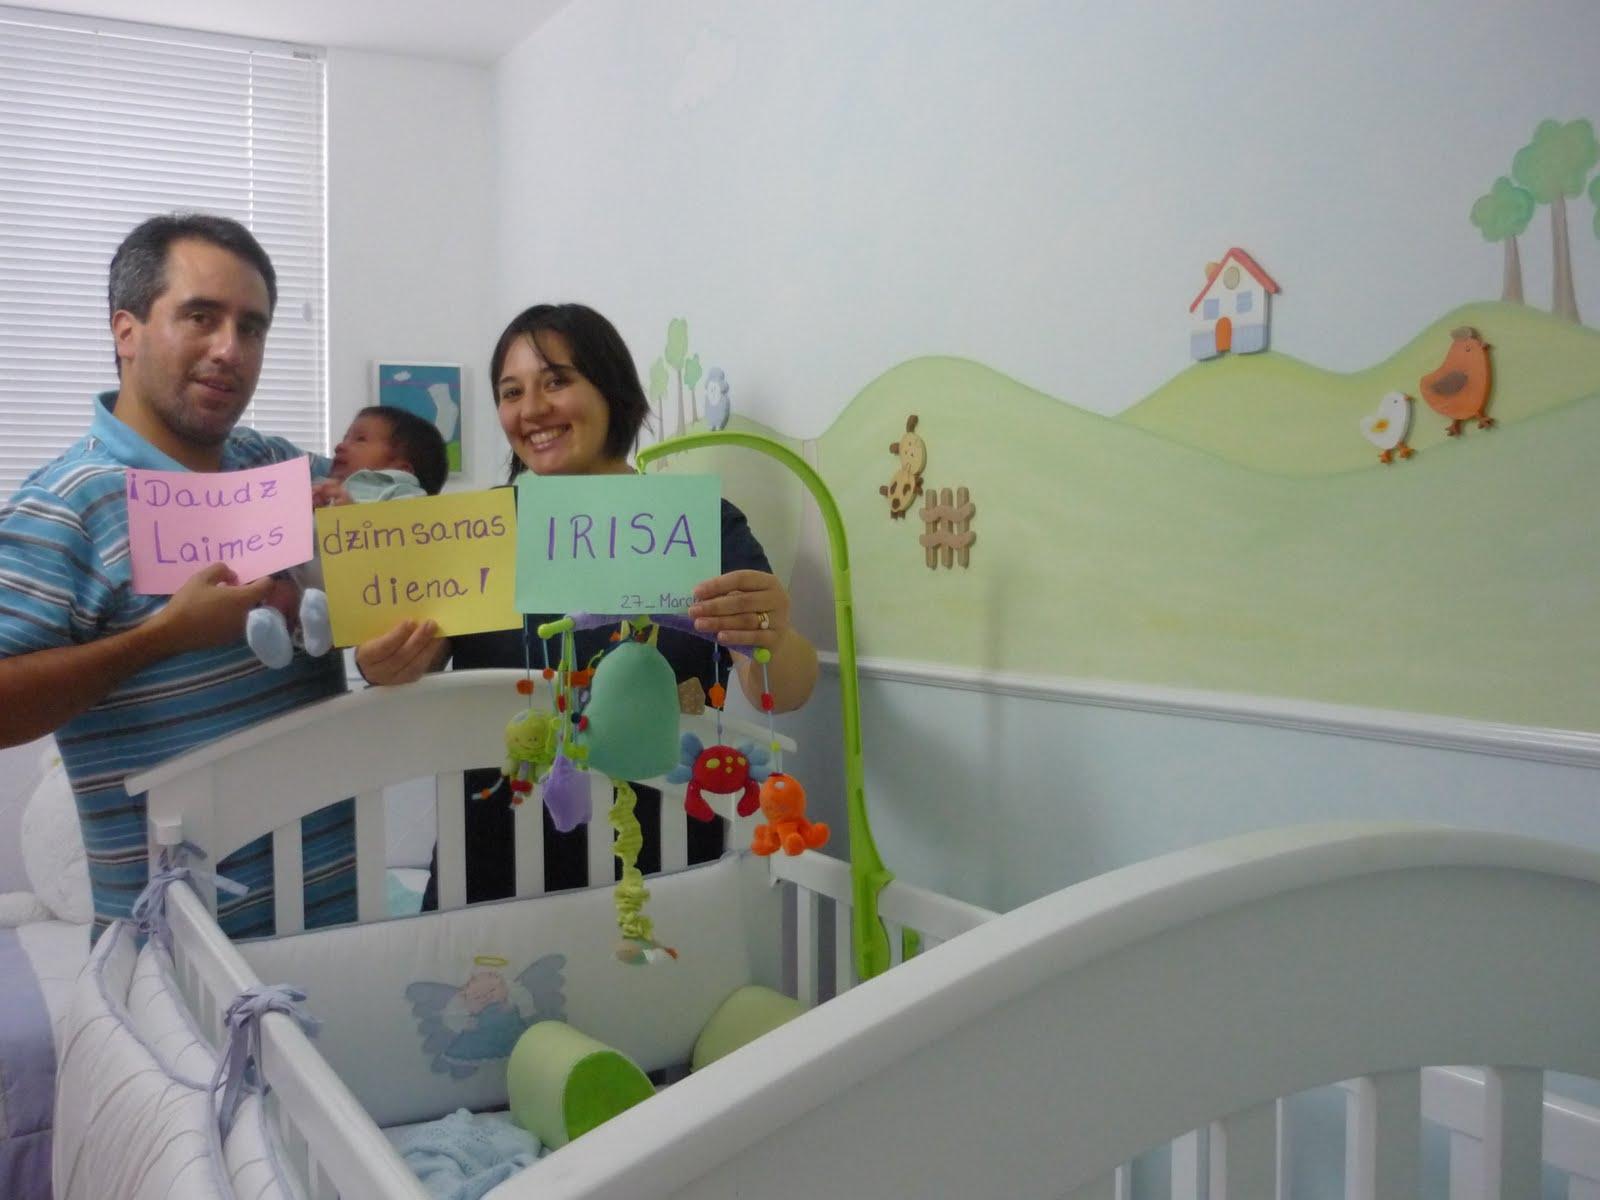 Dormitorio Karen ~ CASA HOPE Decoracion Integral de dormitorios para bebes DORMITORIO DE KAREN DELGADO Y SU